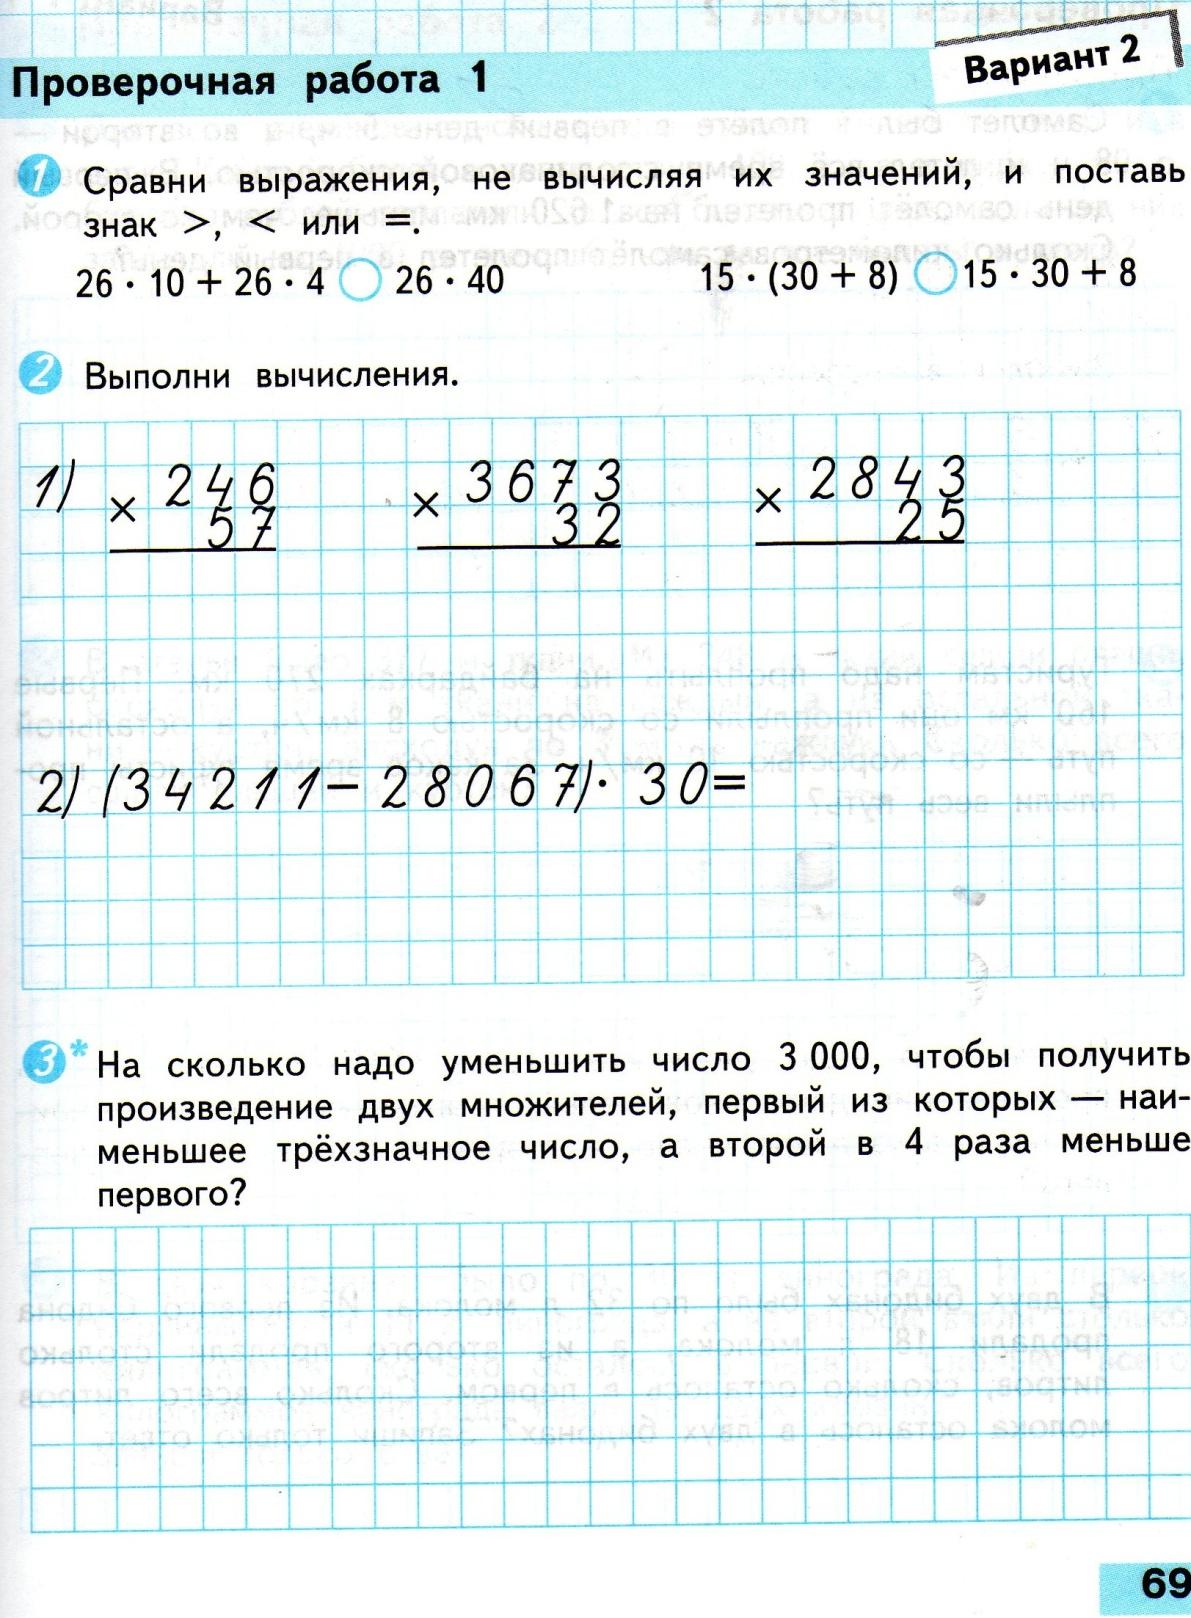 C:\Documents and Settings\Admin\Мои документы\Мои рисунки\1568.jpg